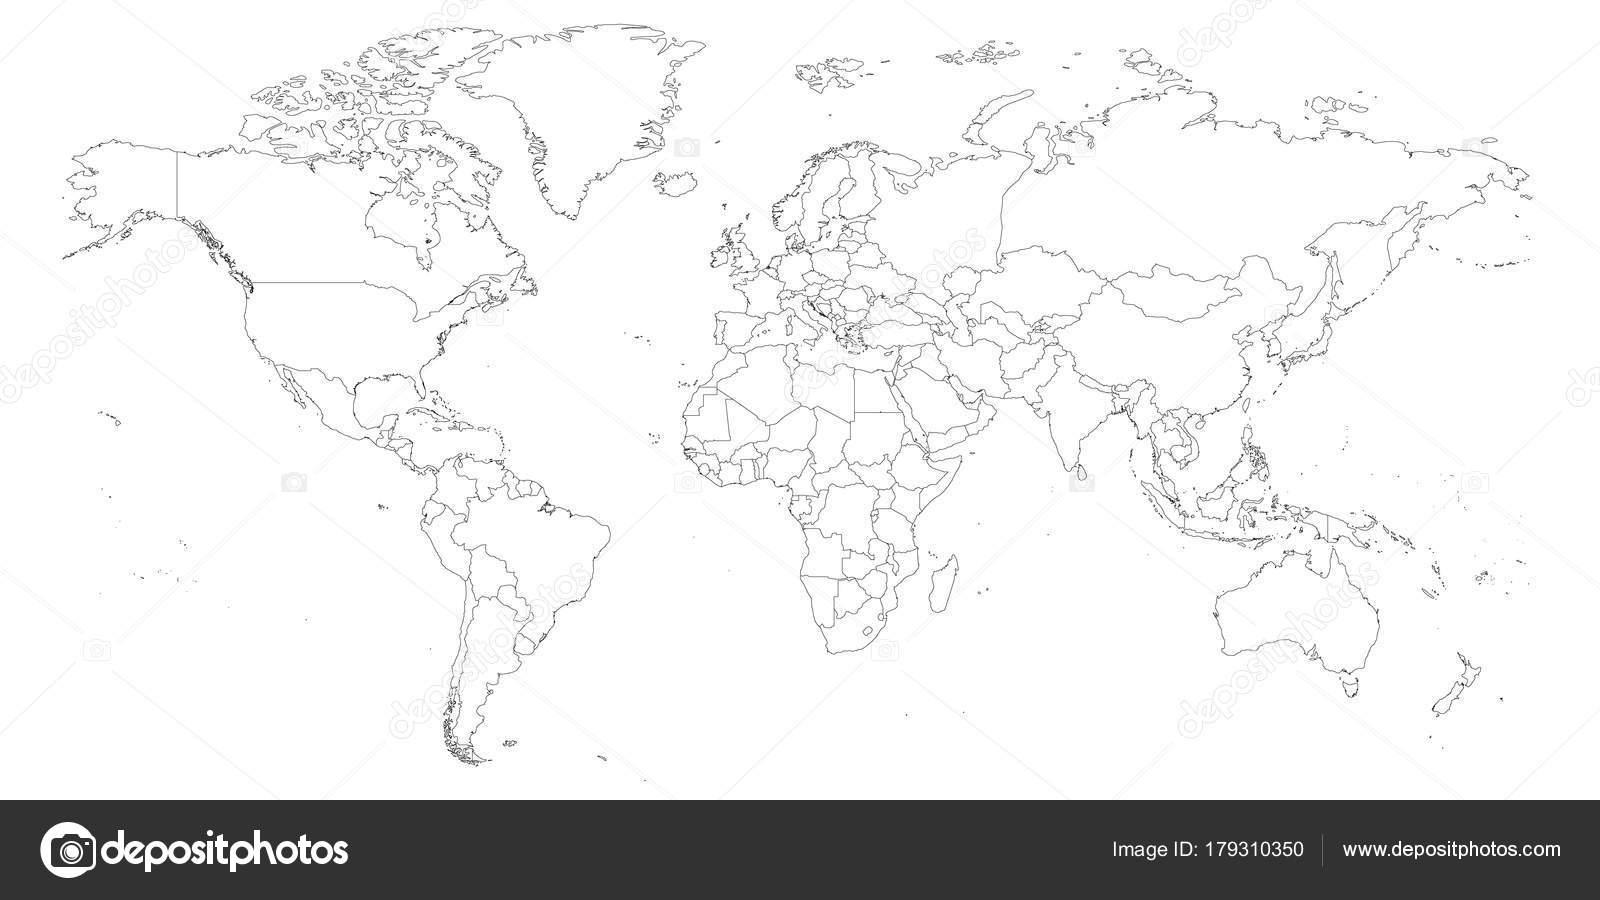 Blank globe map worksheet | Blank outline map of World ...